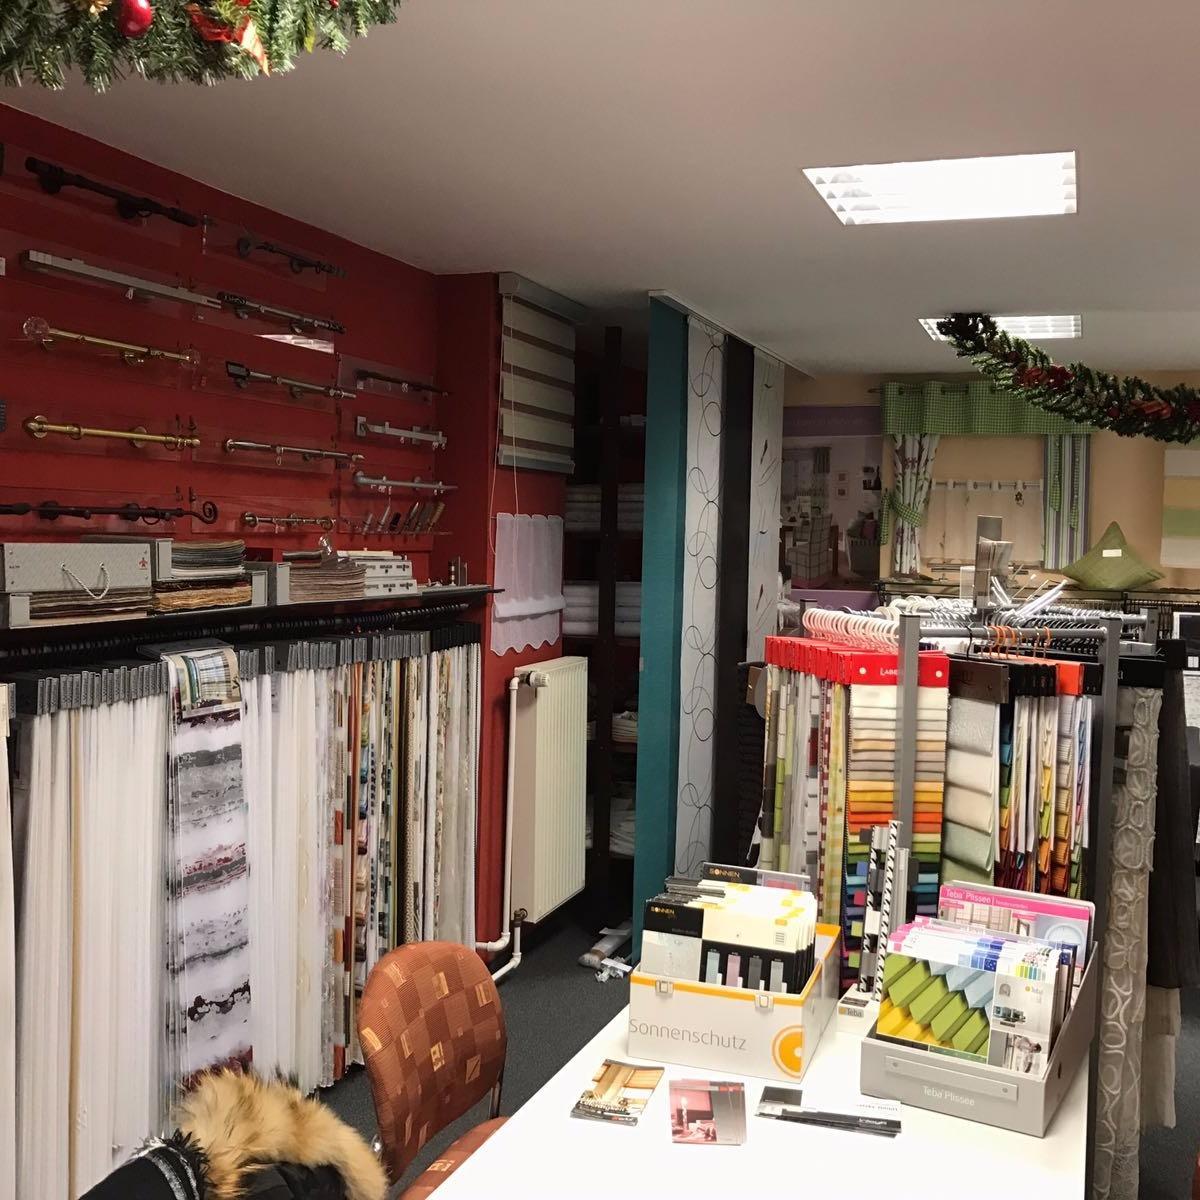 gardinen und sonnenschutz satzke gmbh textilmaschinen zubeh r und bedarfsartikel herstellung. Black Bedroom Furniture Sets. Home Design Ideas